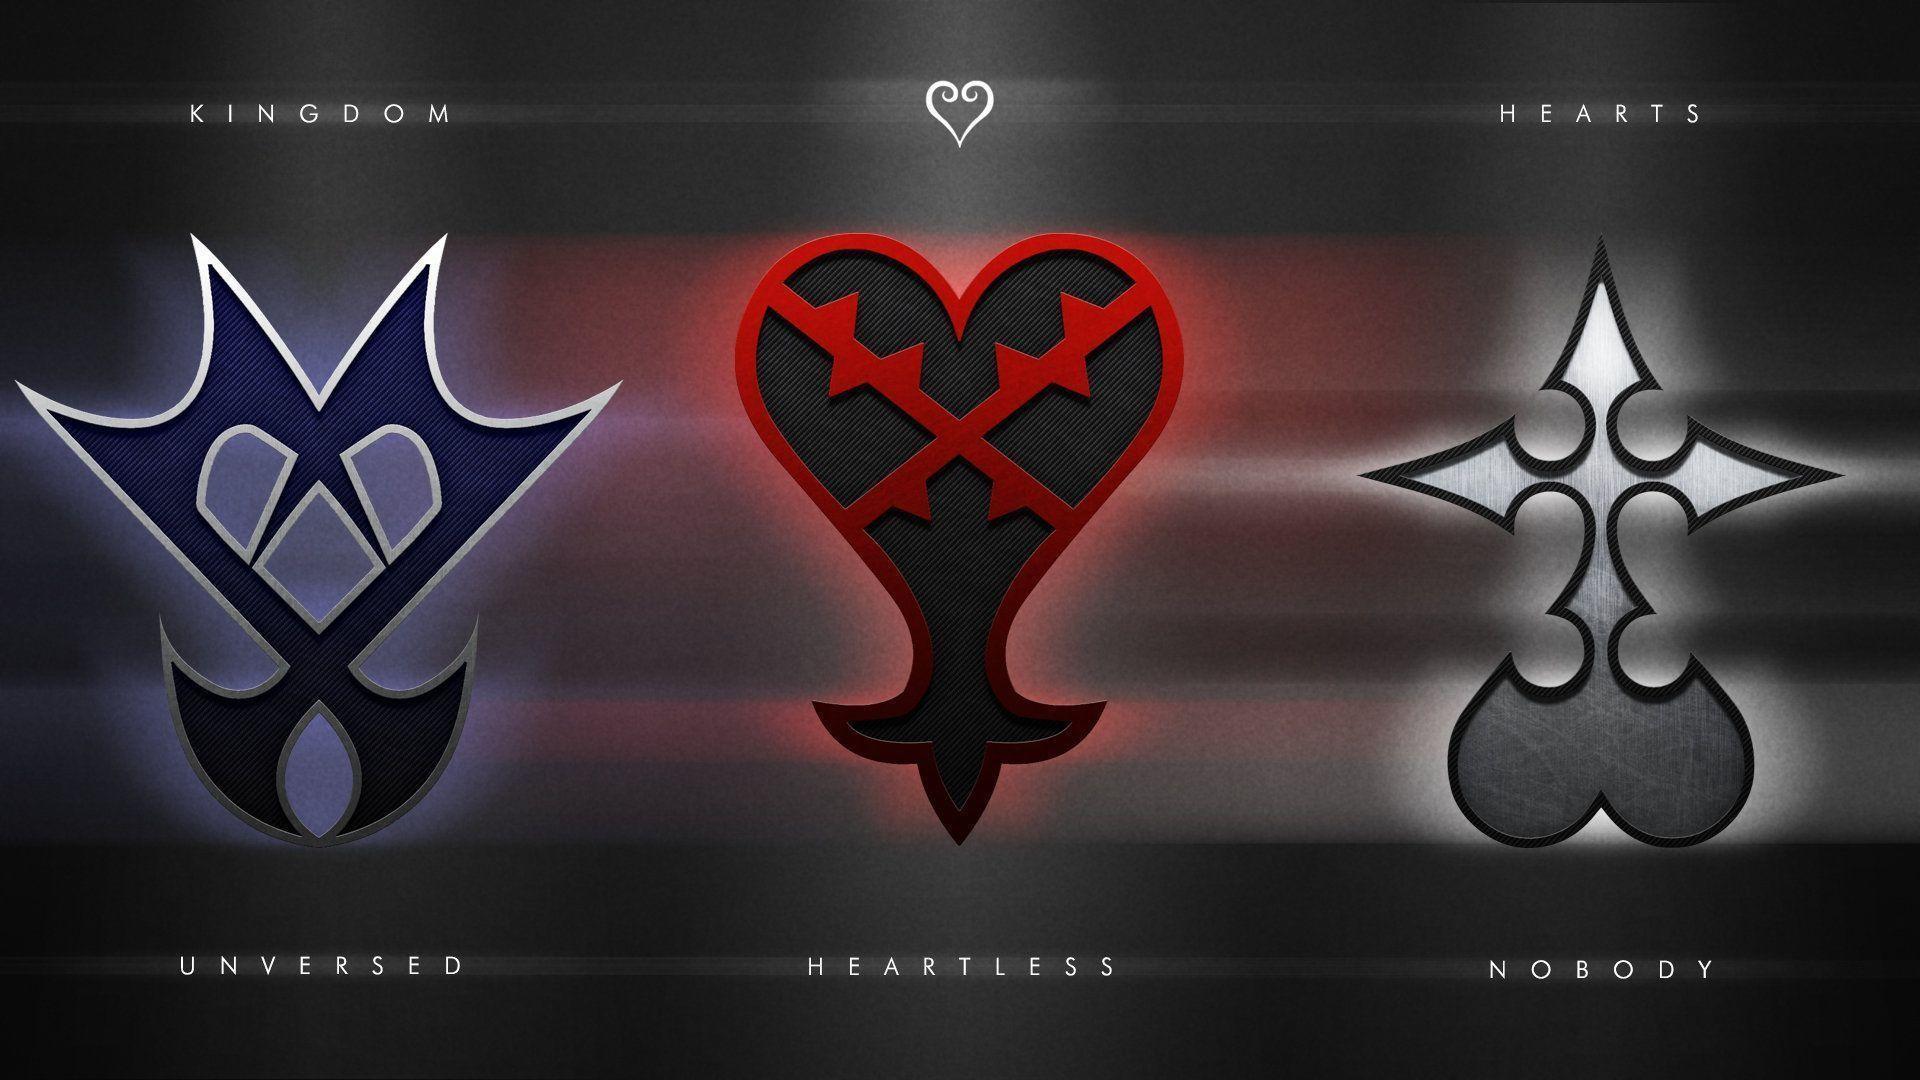 Kingdom Hearts Symbols Wallpaper 71 Images